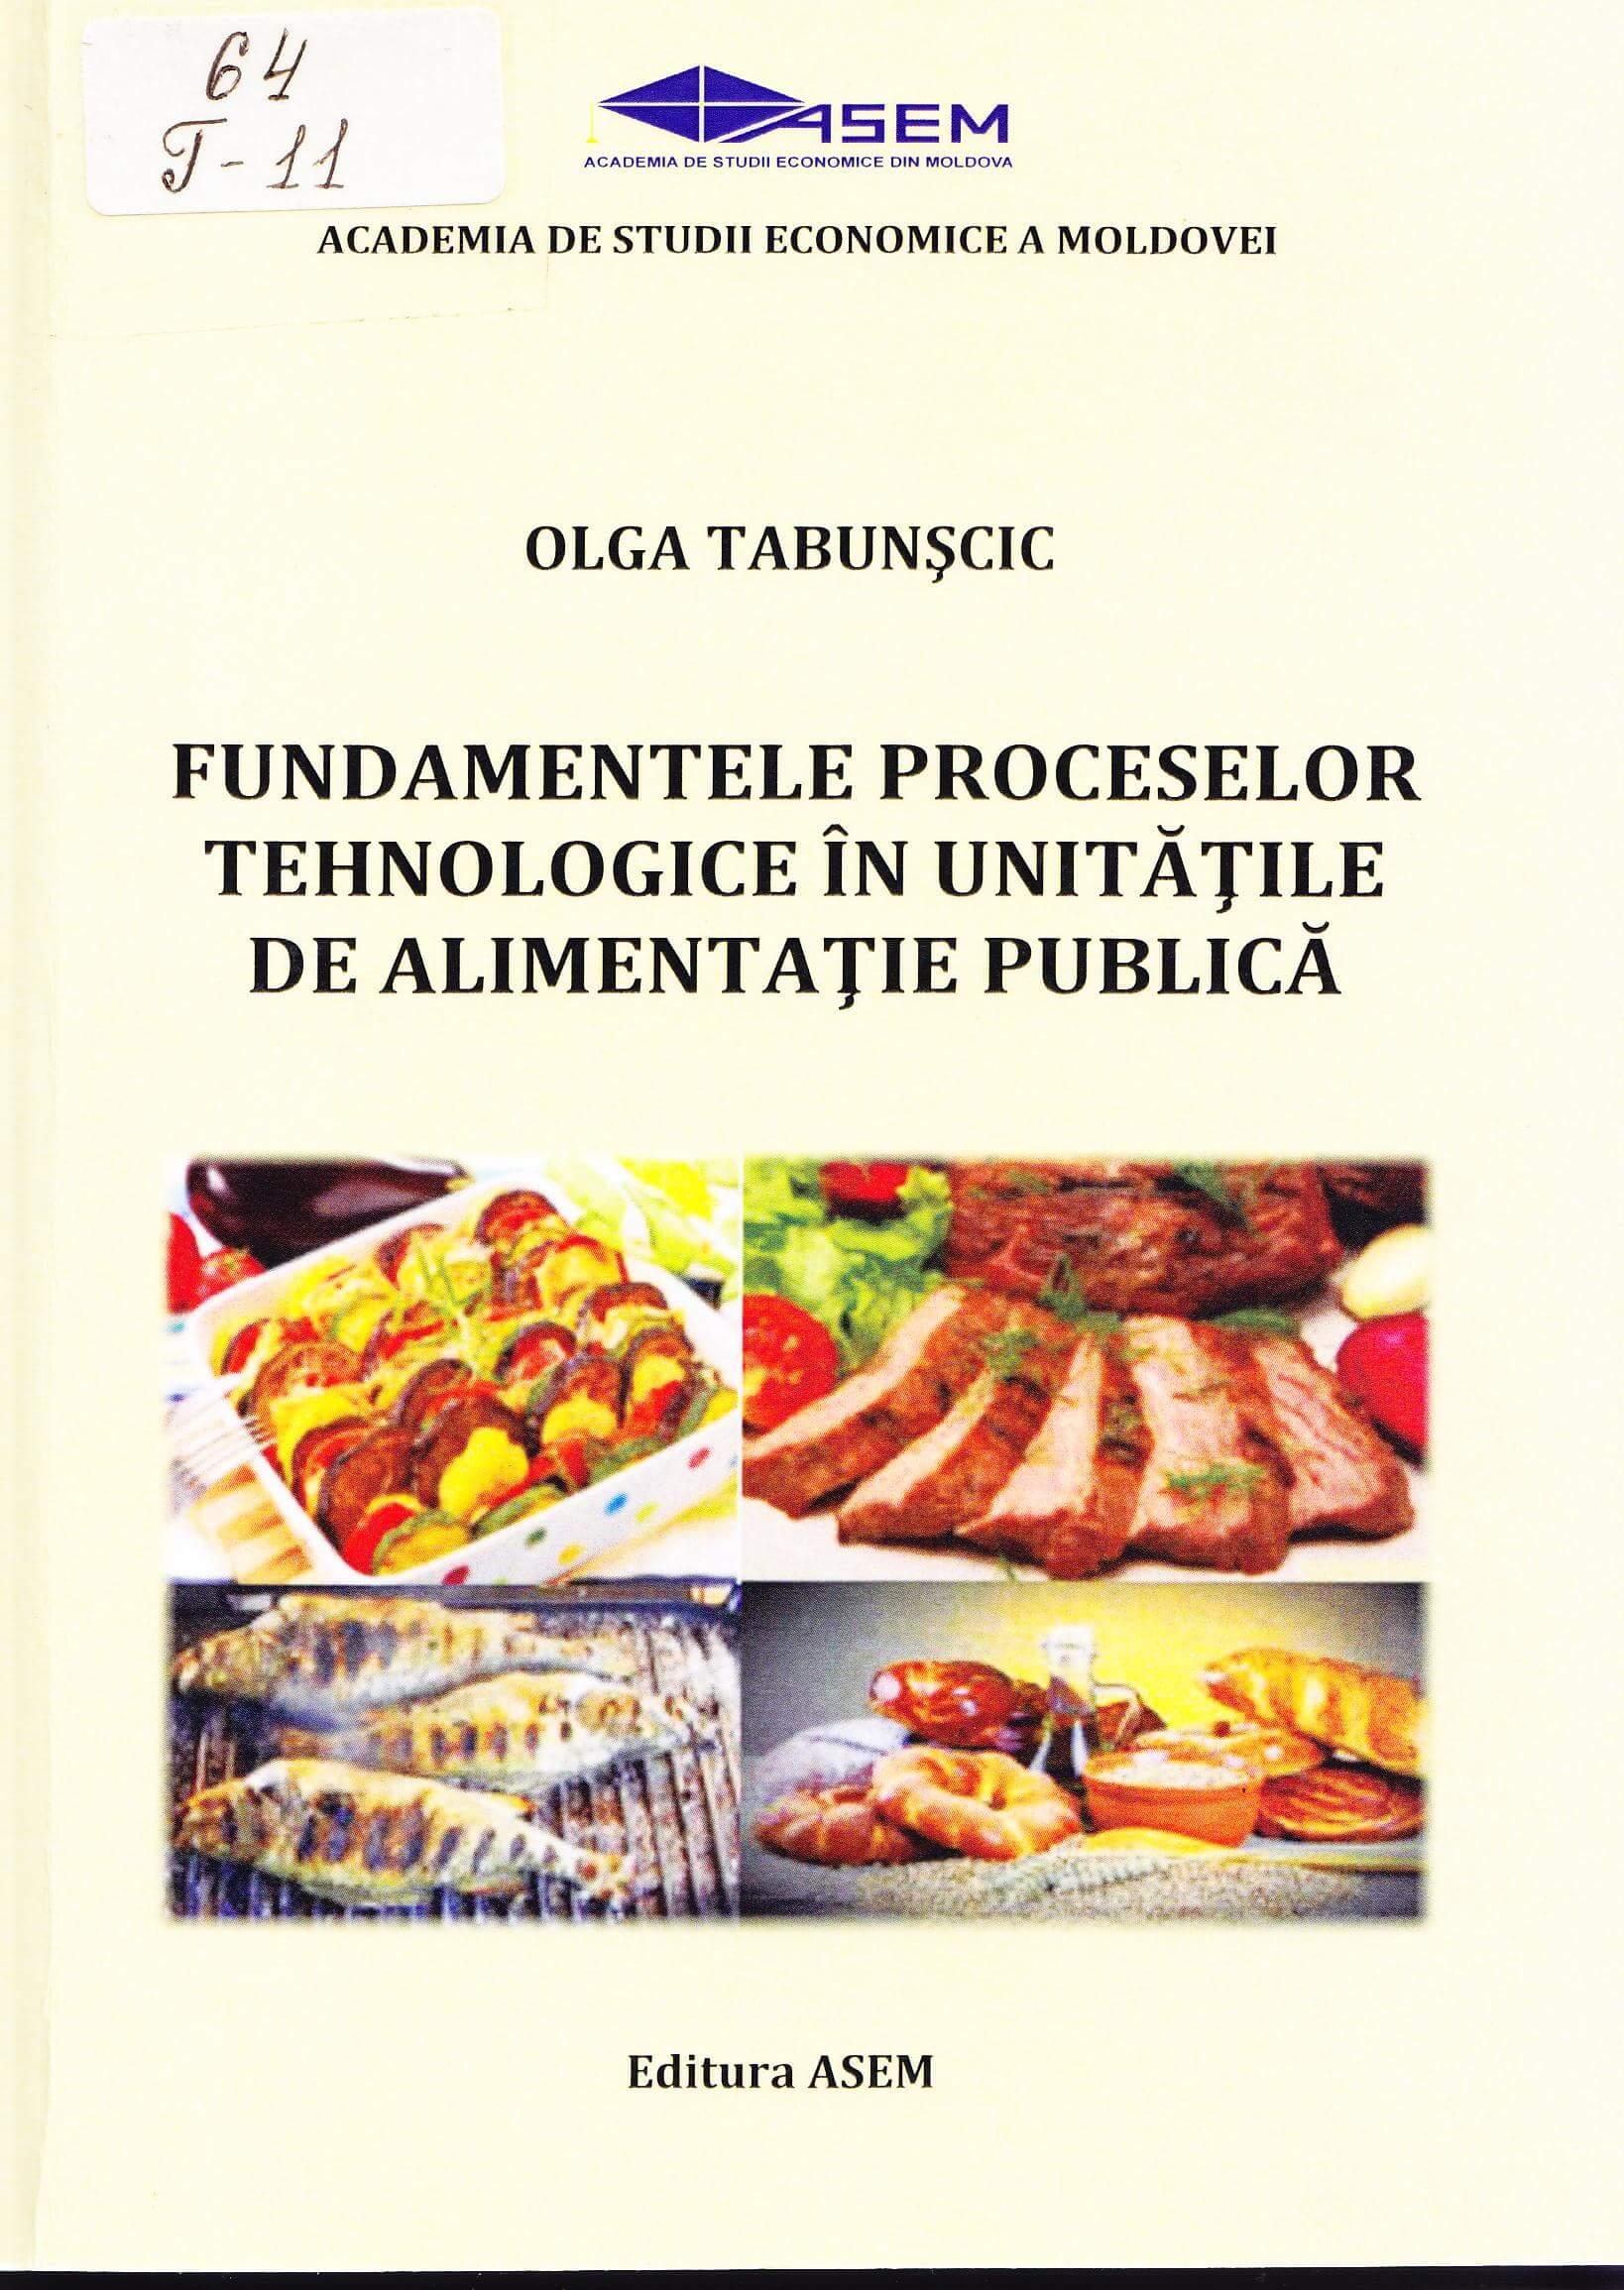 Fundamentele proceselor tehnologice în unităţile de alimentaţie publică: Curs de prelegeri.